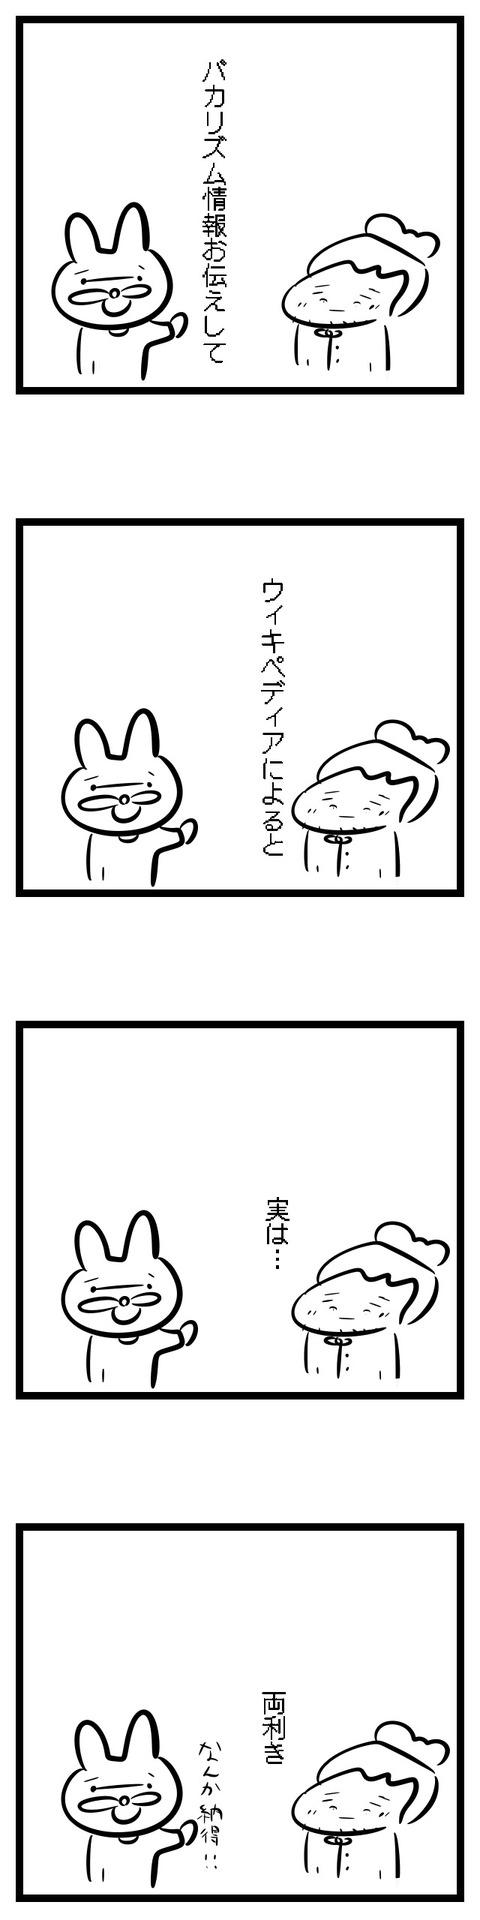 68似顔絵バカリズム2